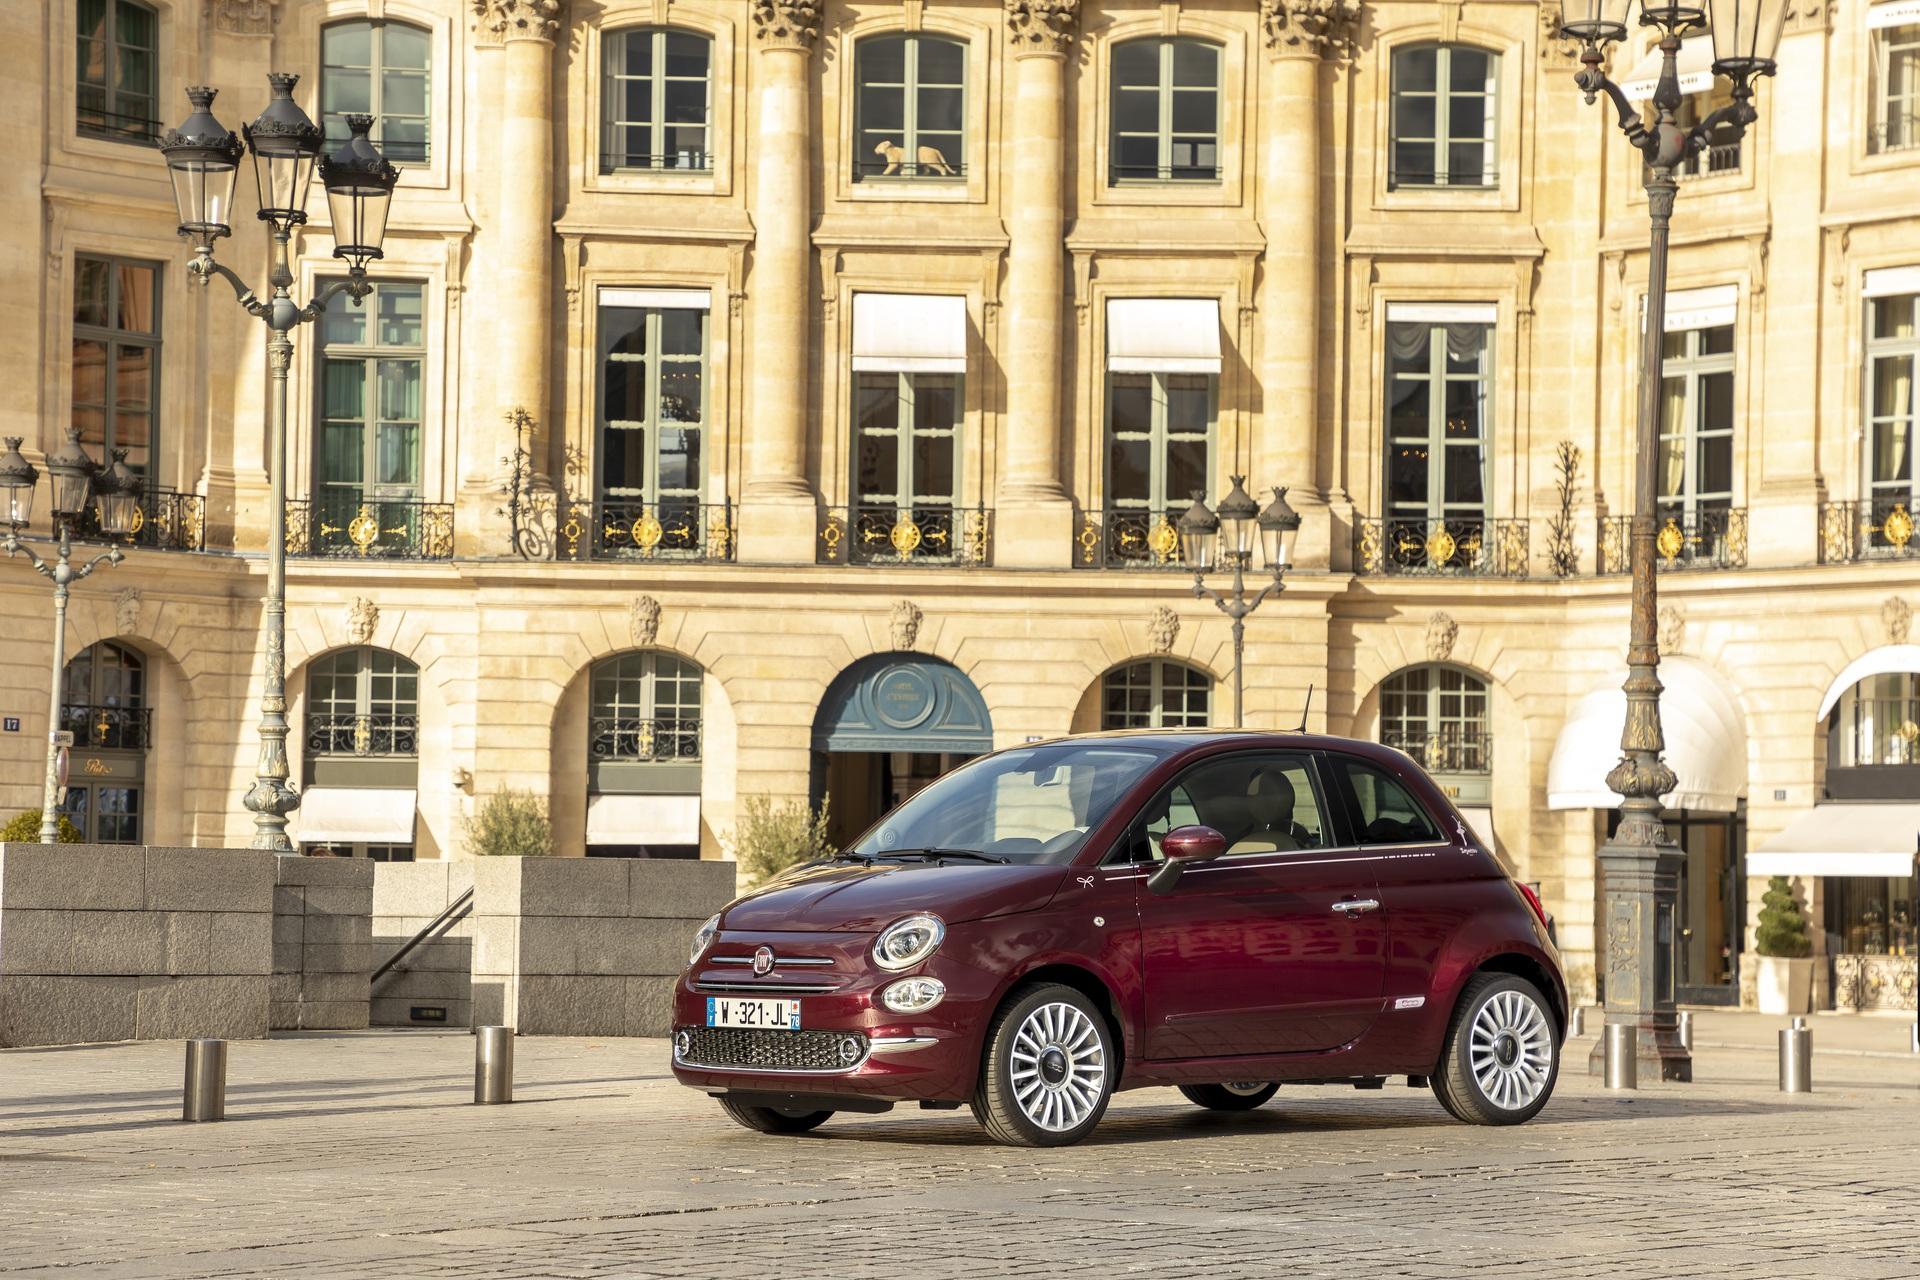 Fiat_500_Repetto_0003